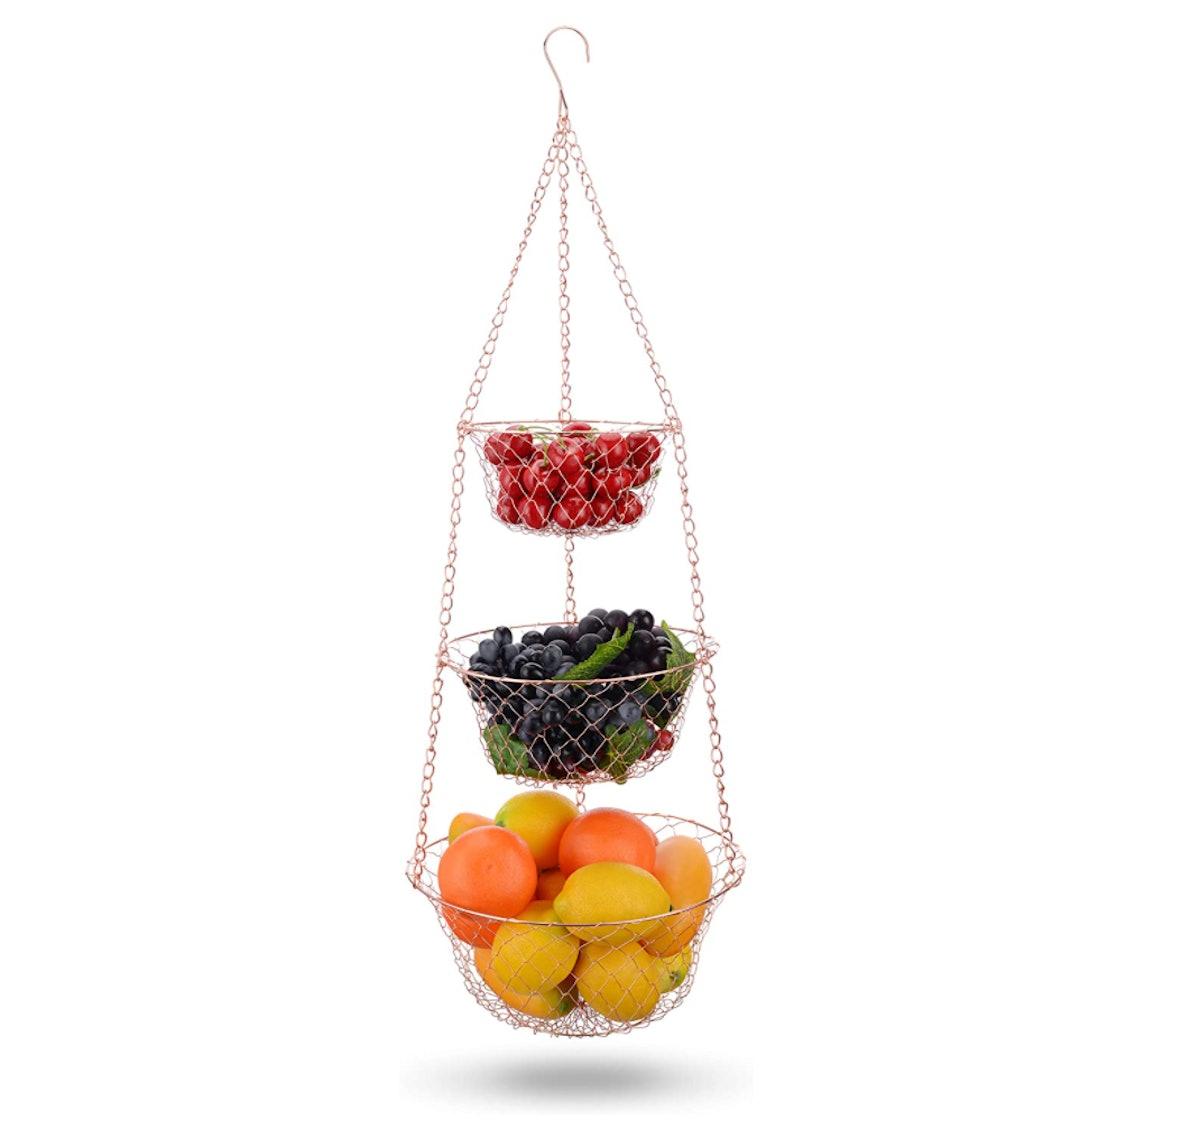 IBERG Tiered Hanging Fruit Basket